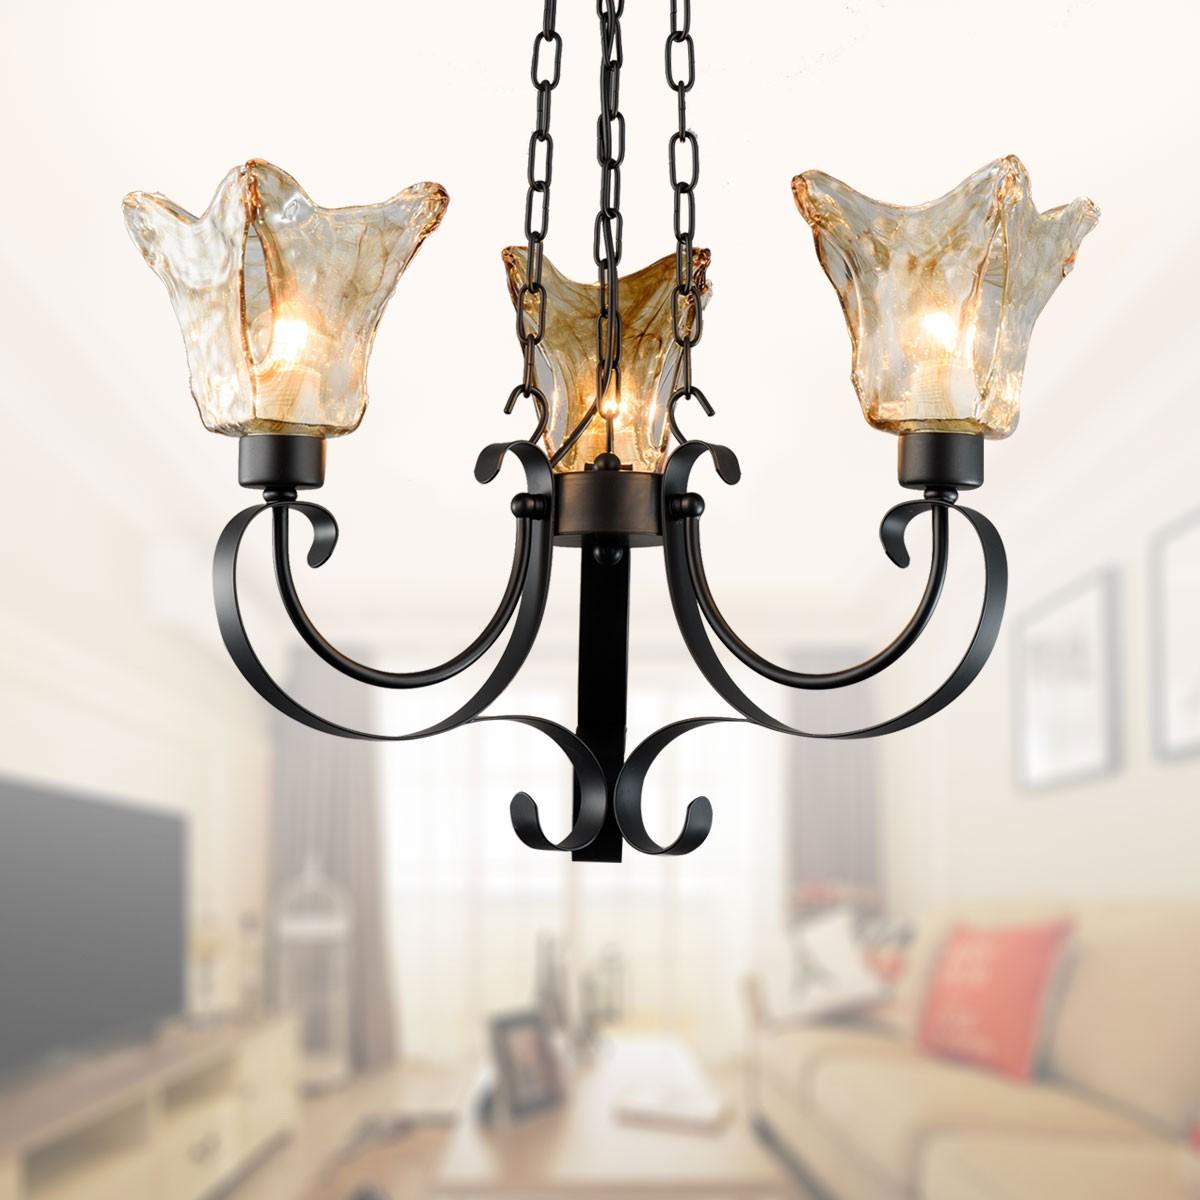 lustre en fer forg avec abat jour en verre 3 ampoules noir dk 8038 3 decoraport canada. Black Bedroom Furniture Sets. Home Design Ideas